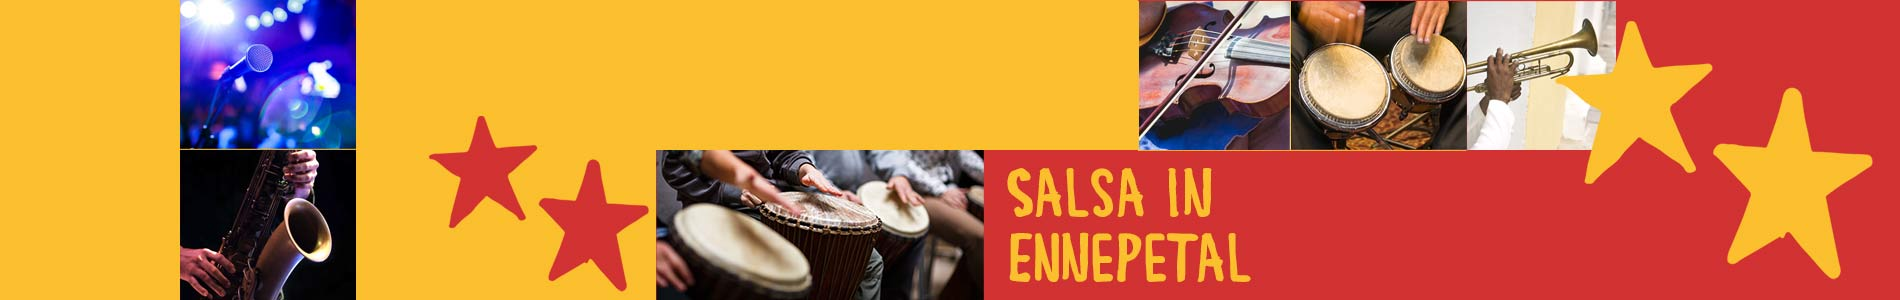 Salsa in Ennepetal – Salsa lernen und tanzen, Tanzkurse, Partys, Veranstaltungen